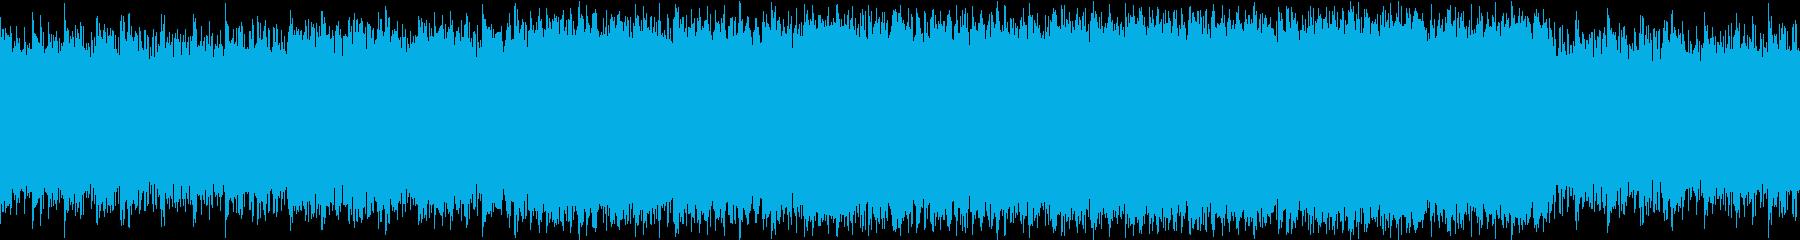 シーン・感動最終回・ループ・ピアノ・オケの再生済みの波形